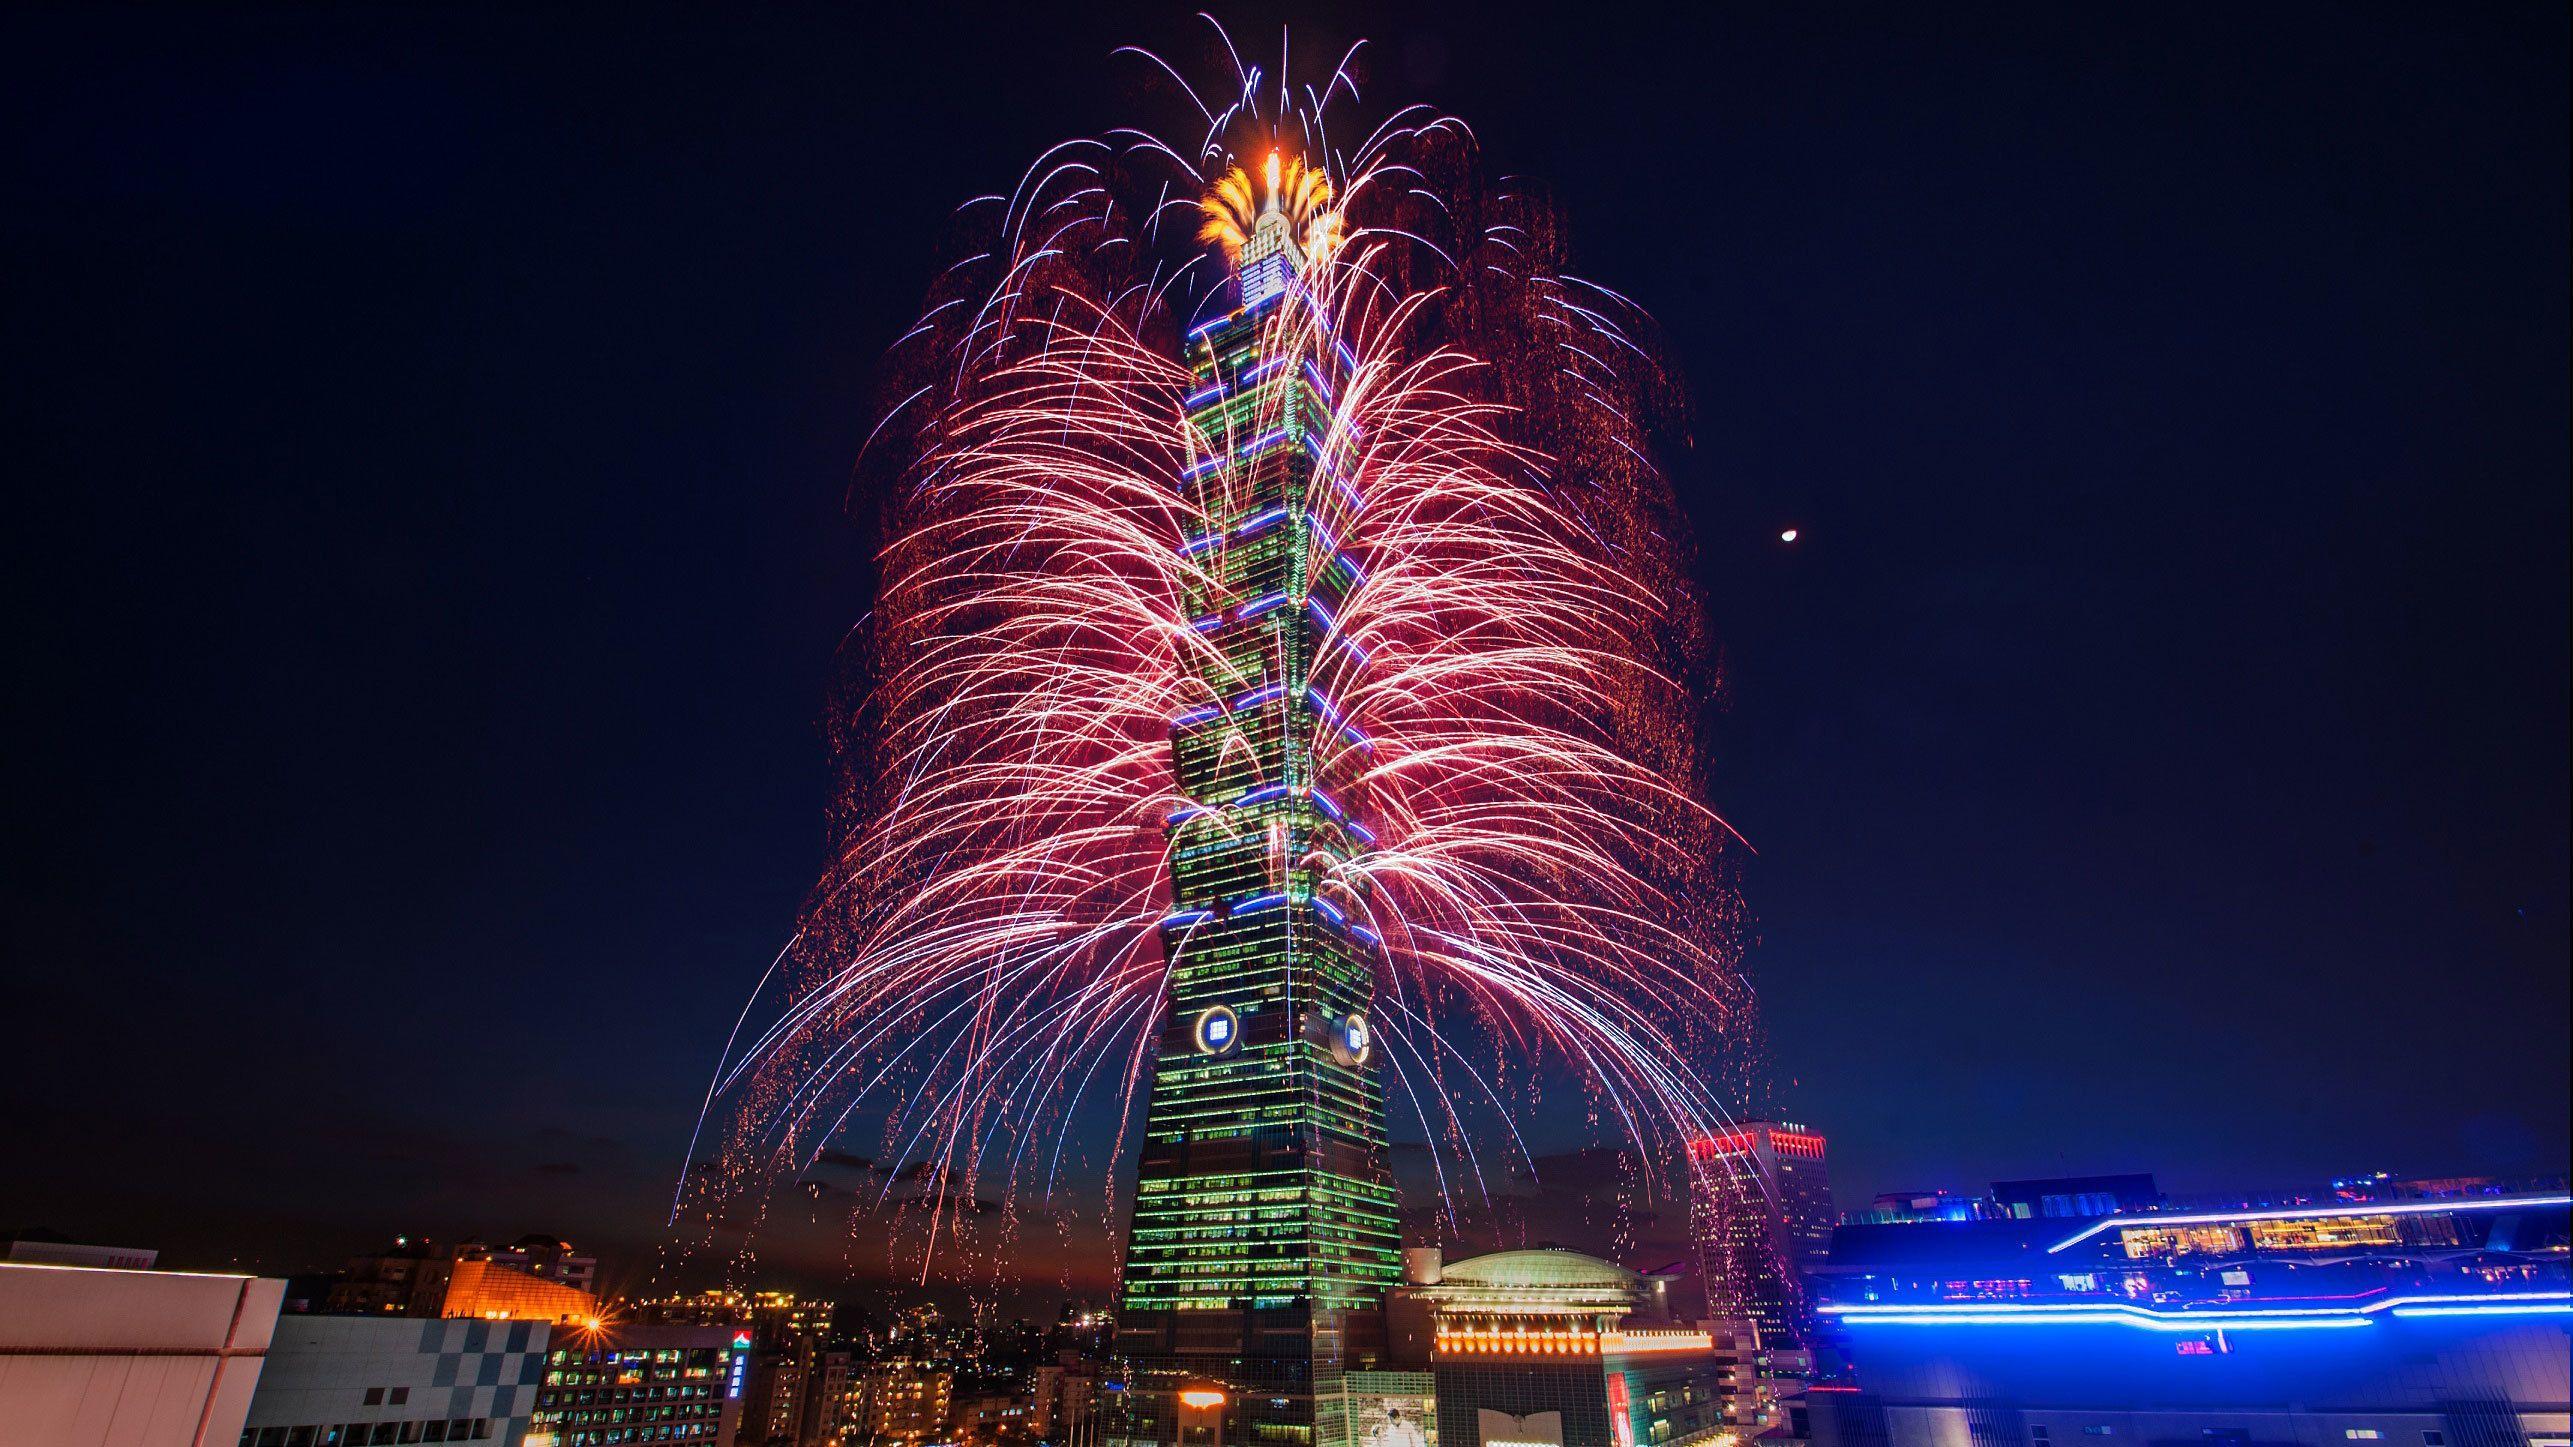 Firework display on Taipei 101